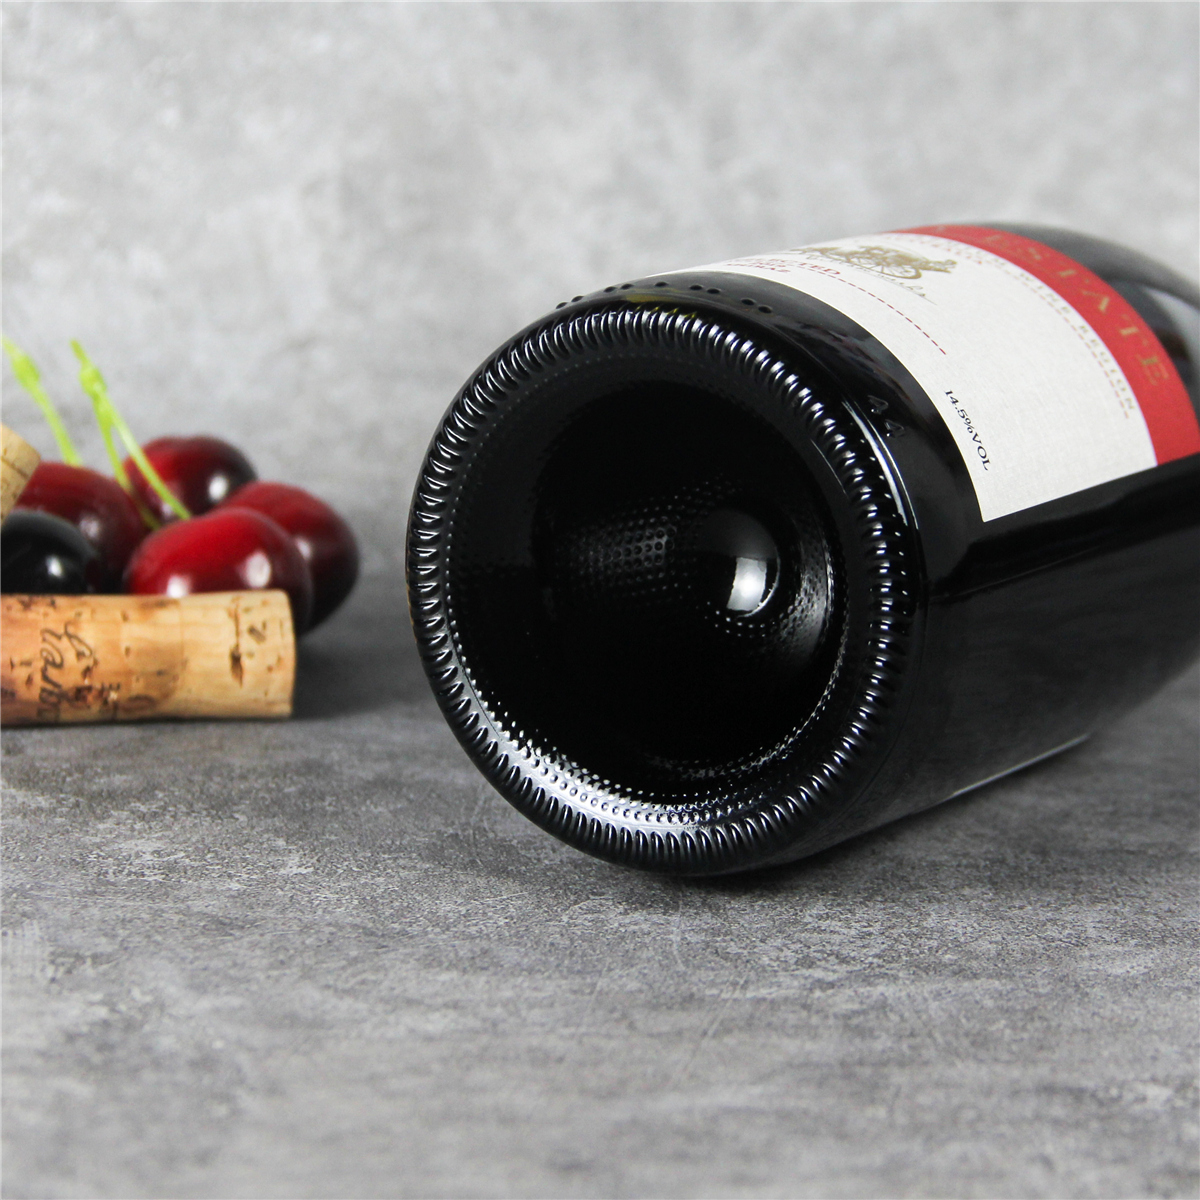 澳大利亞南澳圖柏利馬車精選西拉紅葡萄酒紅酒